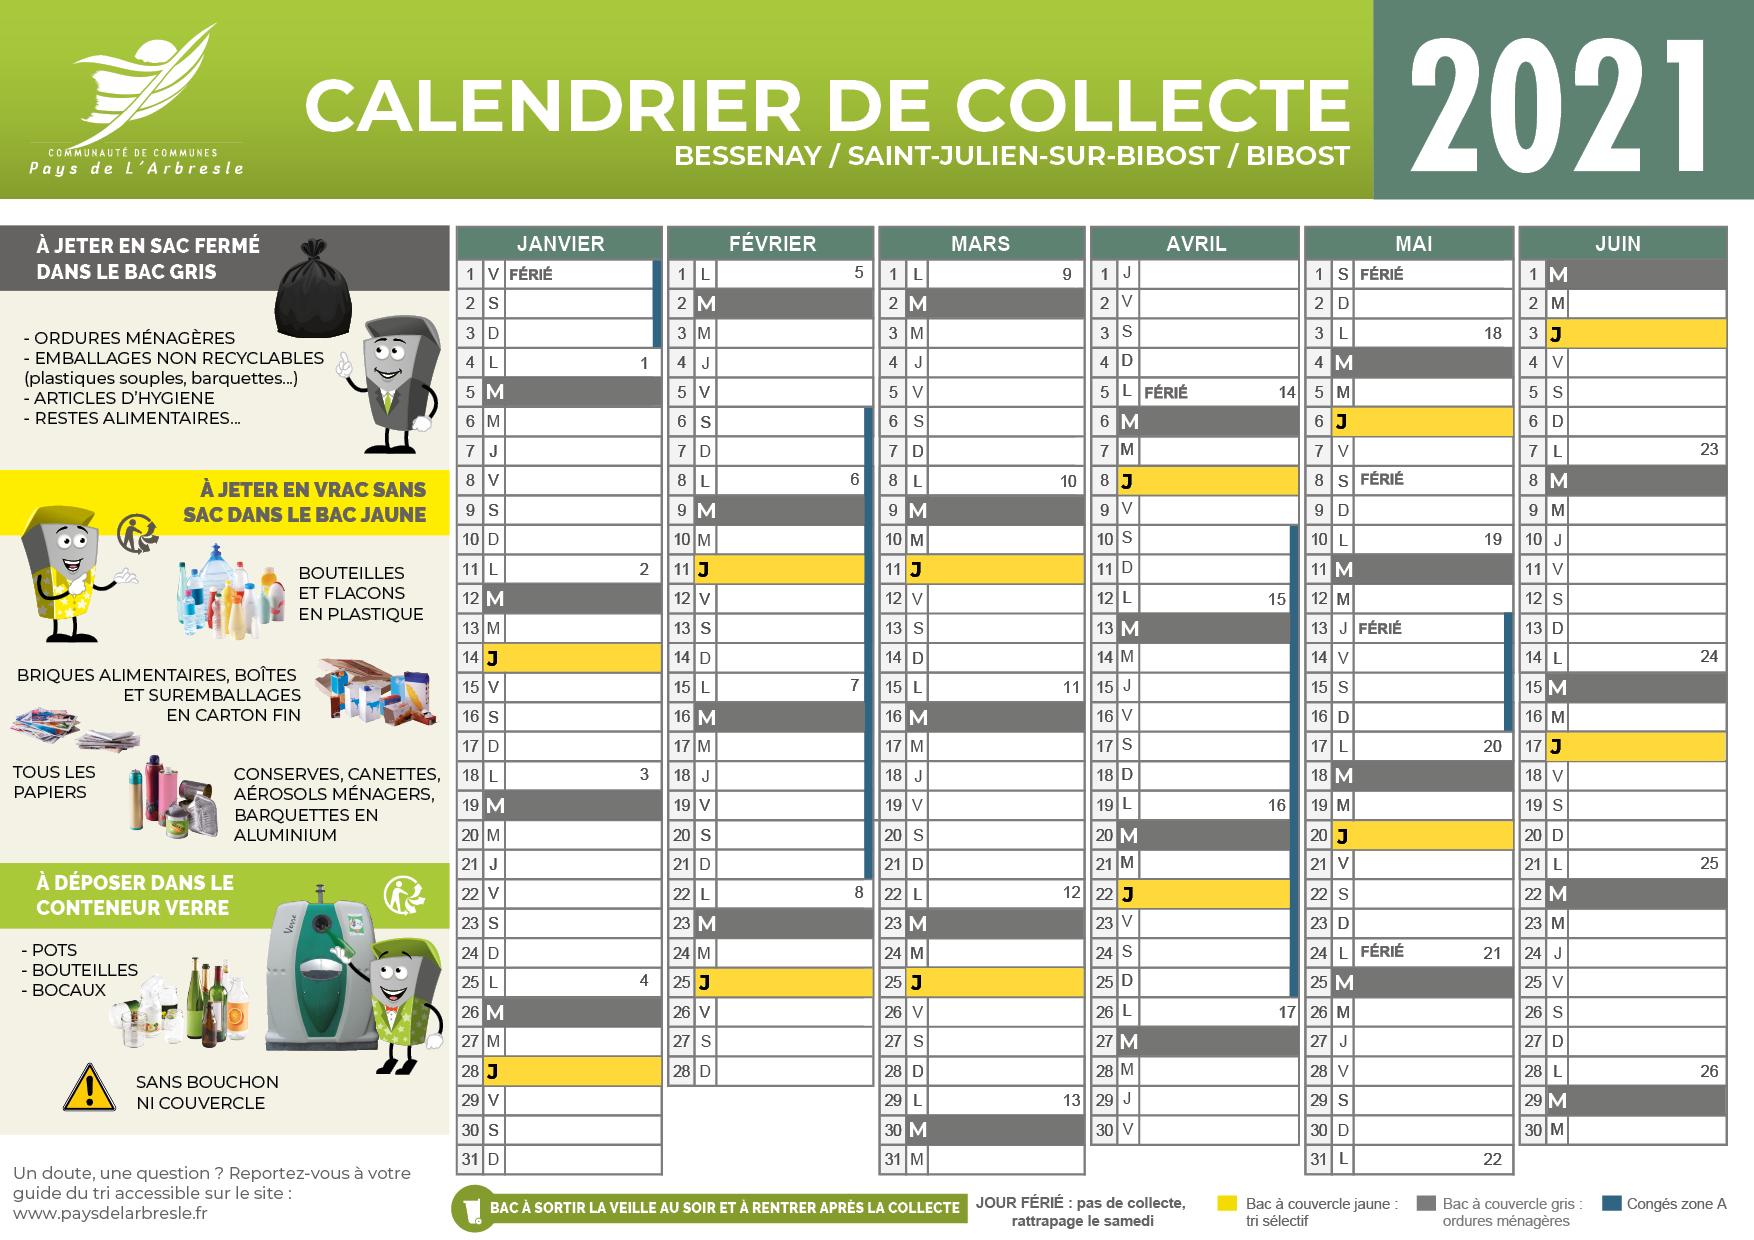 calendrier collect 2021 - BESSENAY - SAINT JULIEN SUR BIBOST - BIBOST.png